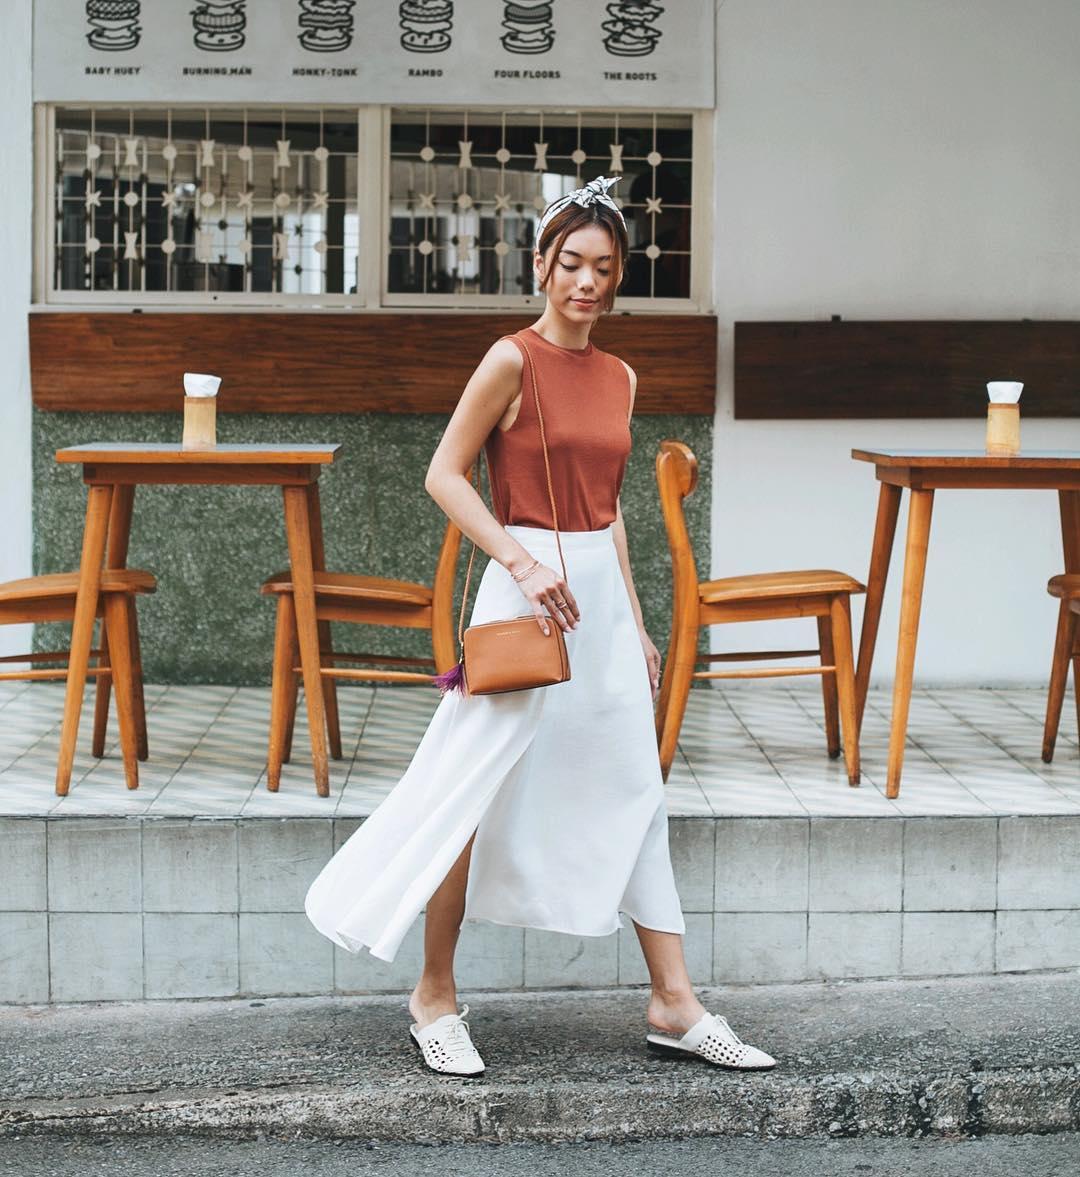 Phụ kiện thời trang cung xử nữ - Cô gái mặc áo nâu chân váy trắng mang giày mules mũi nhọn